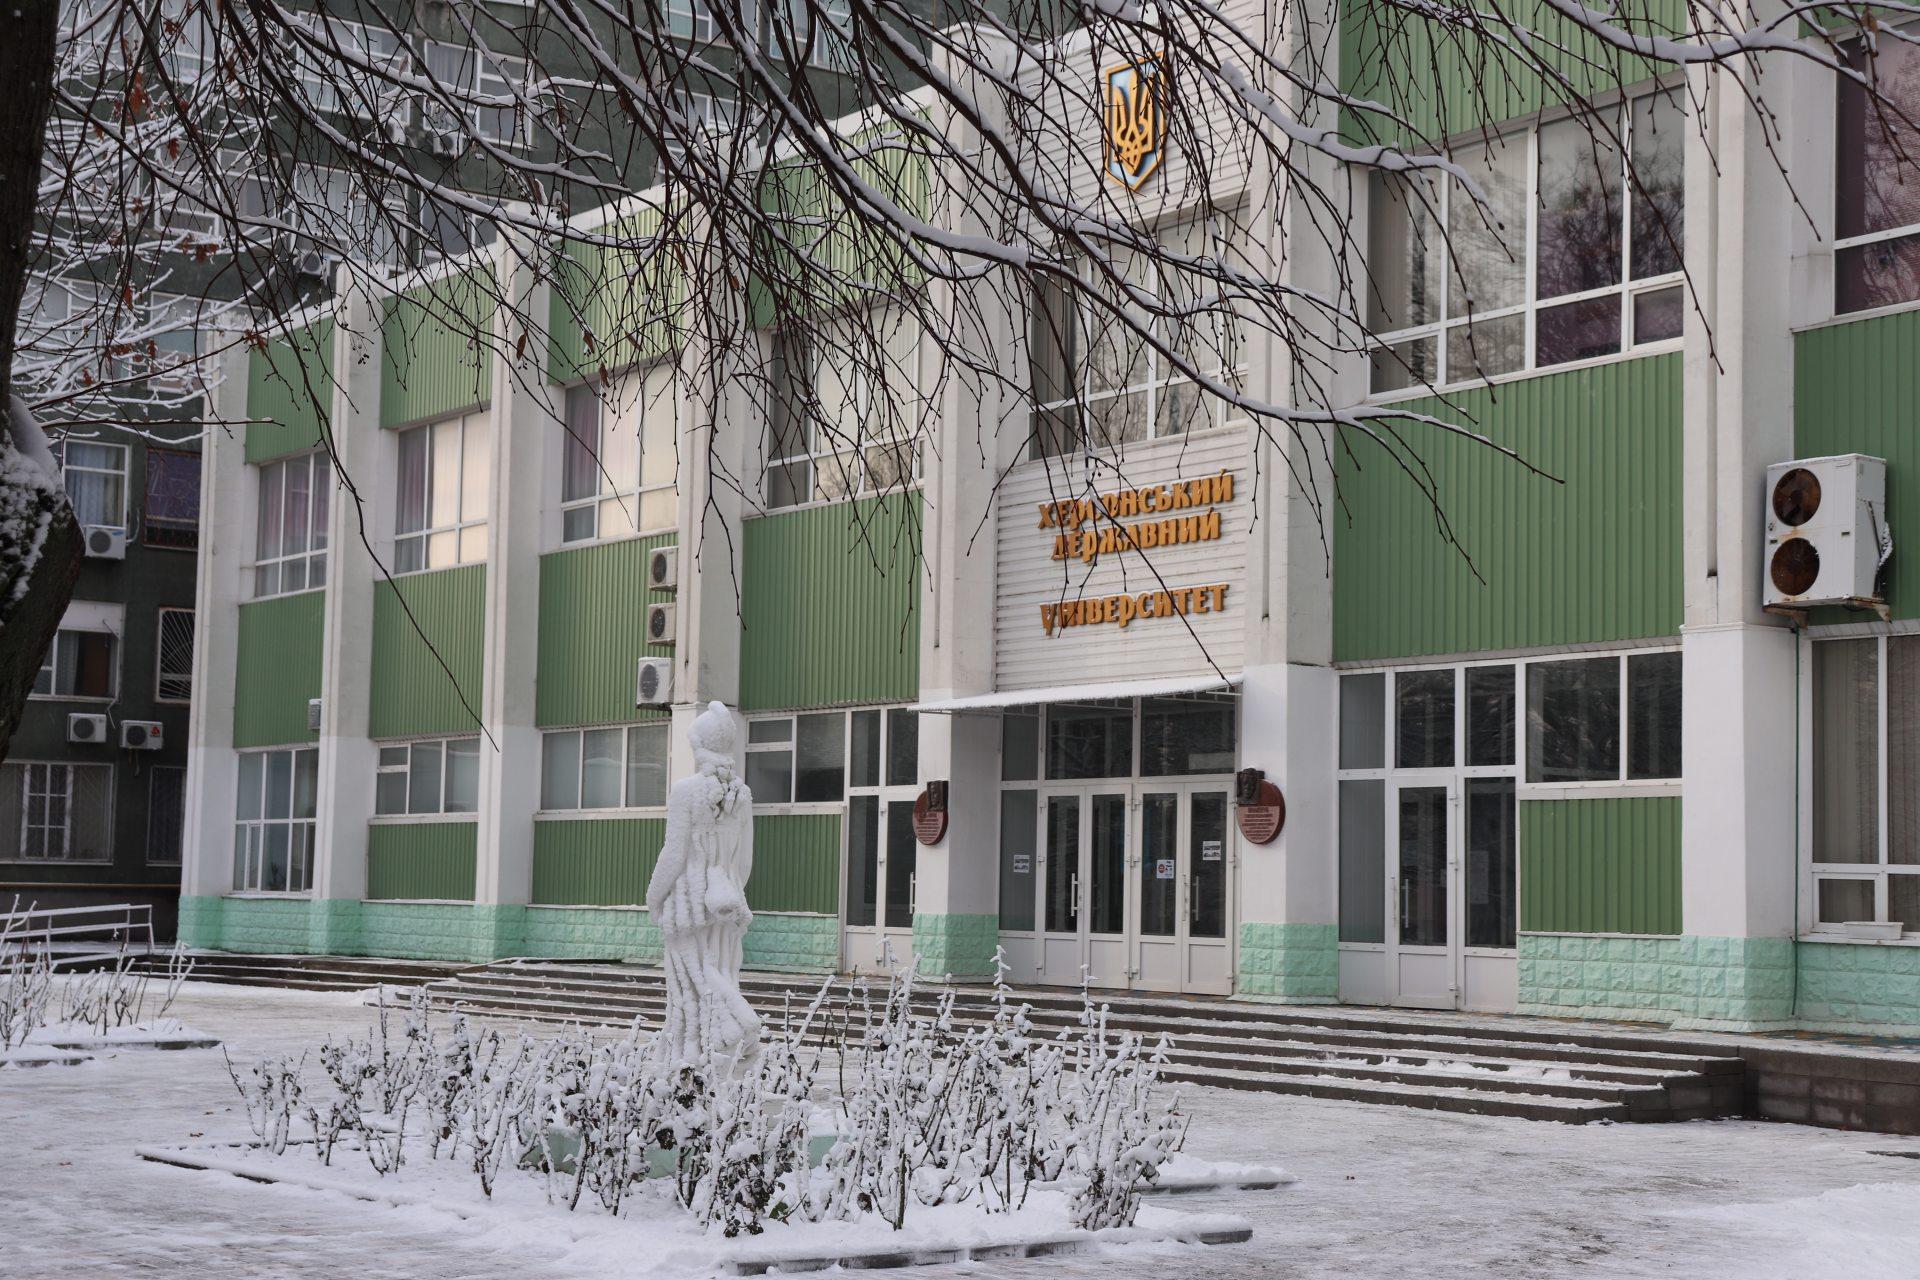 Херсонський держуніверситет лідер в регіоні